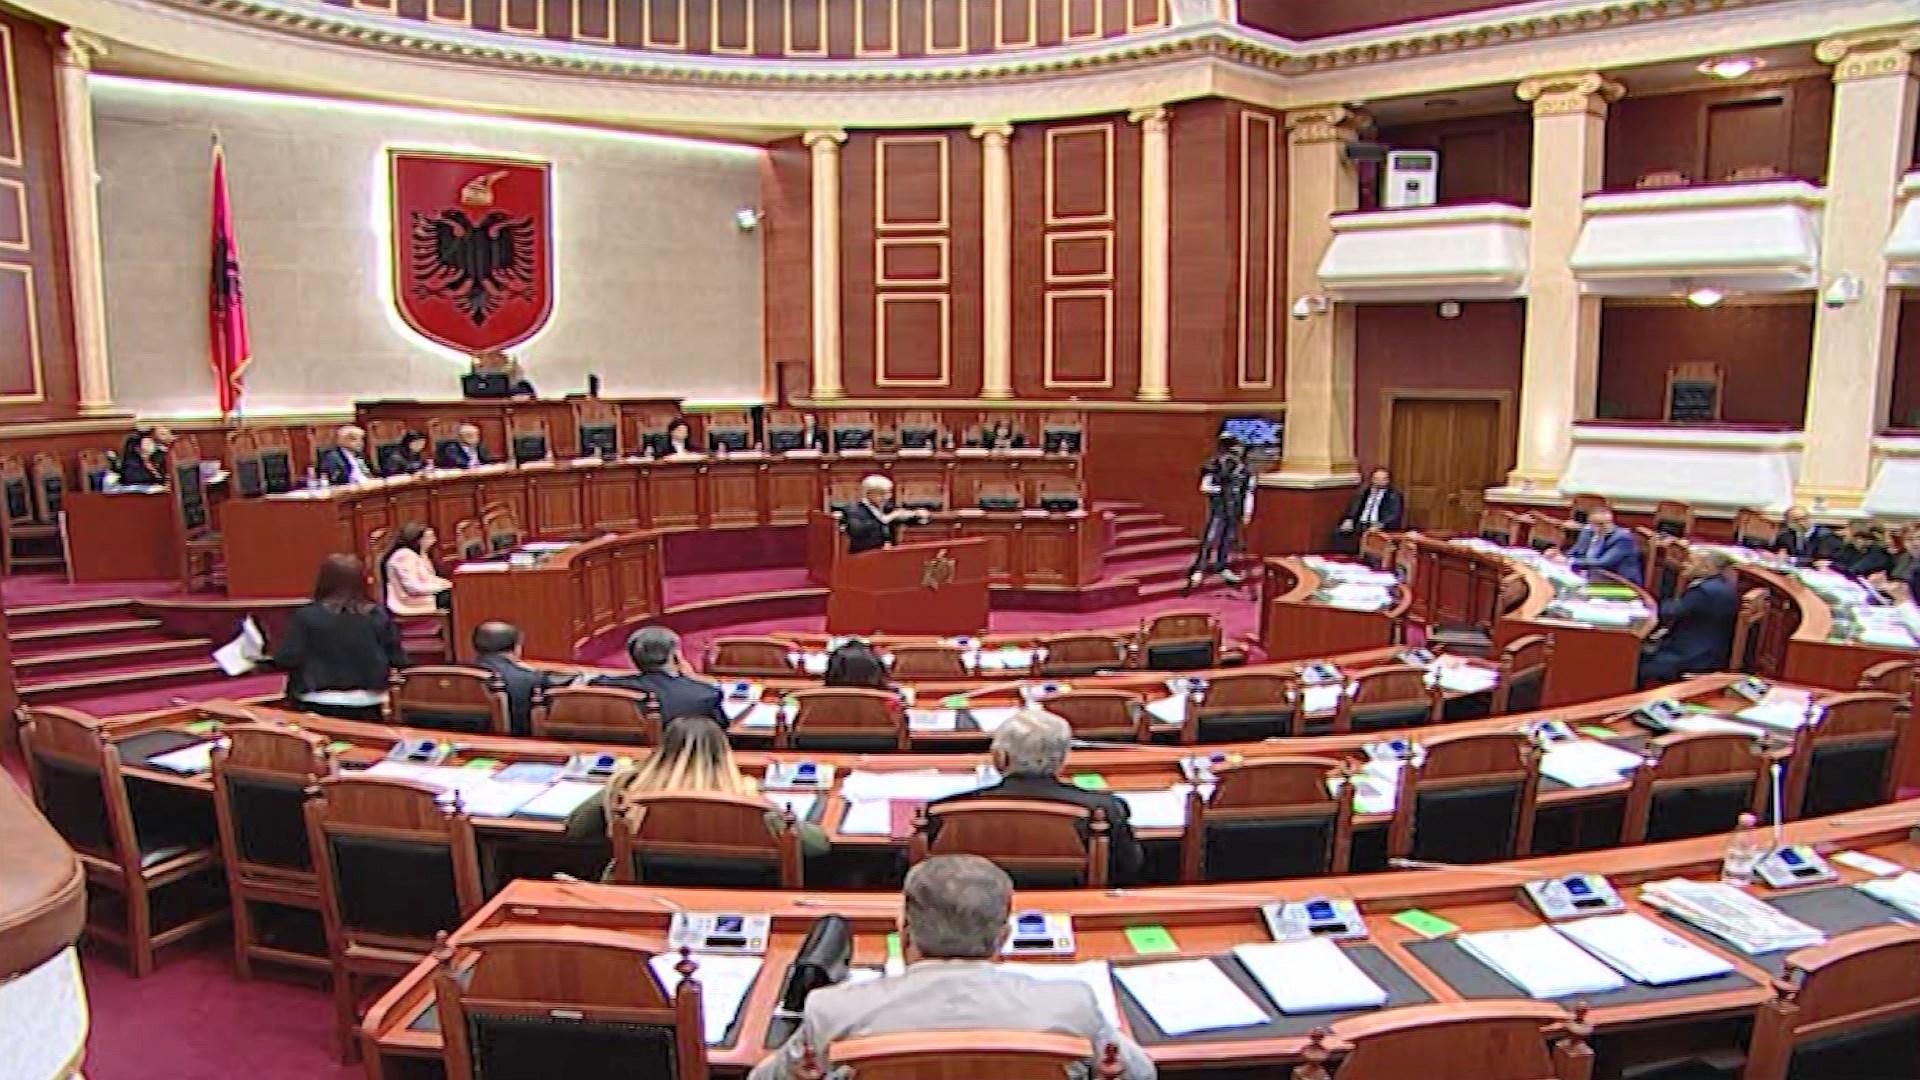 Reforma në Drejtësi, Manja: Vonesat për shkak të PD, Xhafaj: Kuvendi i vonuar